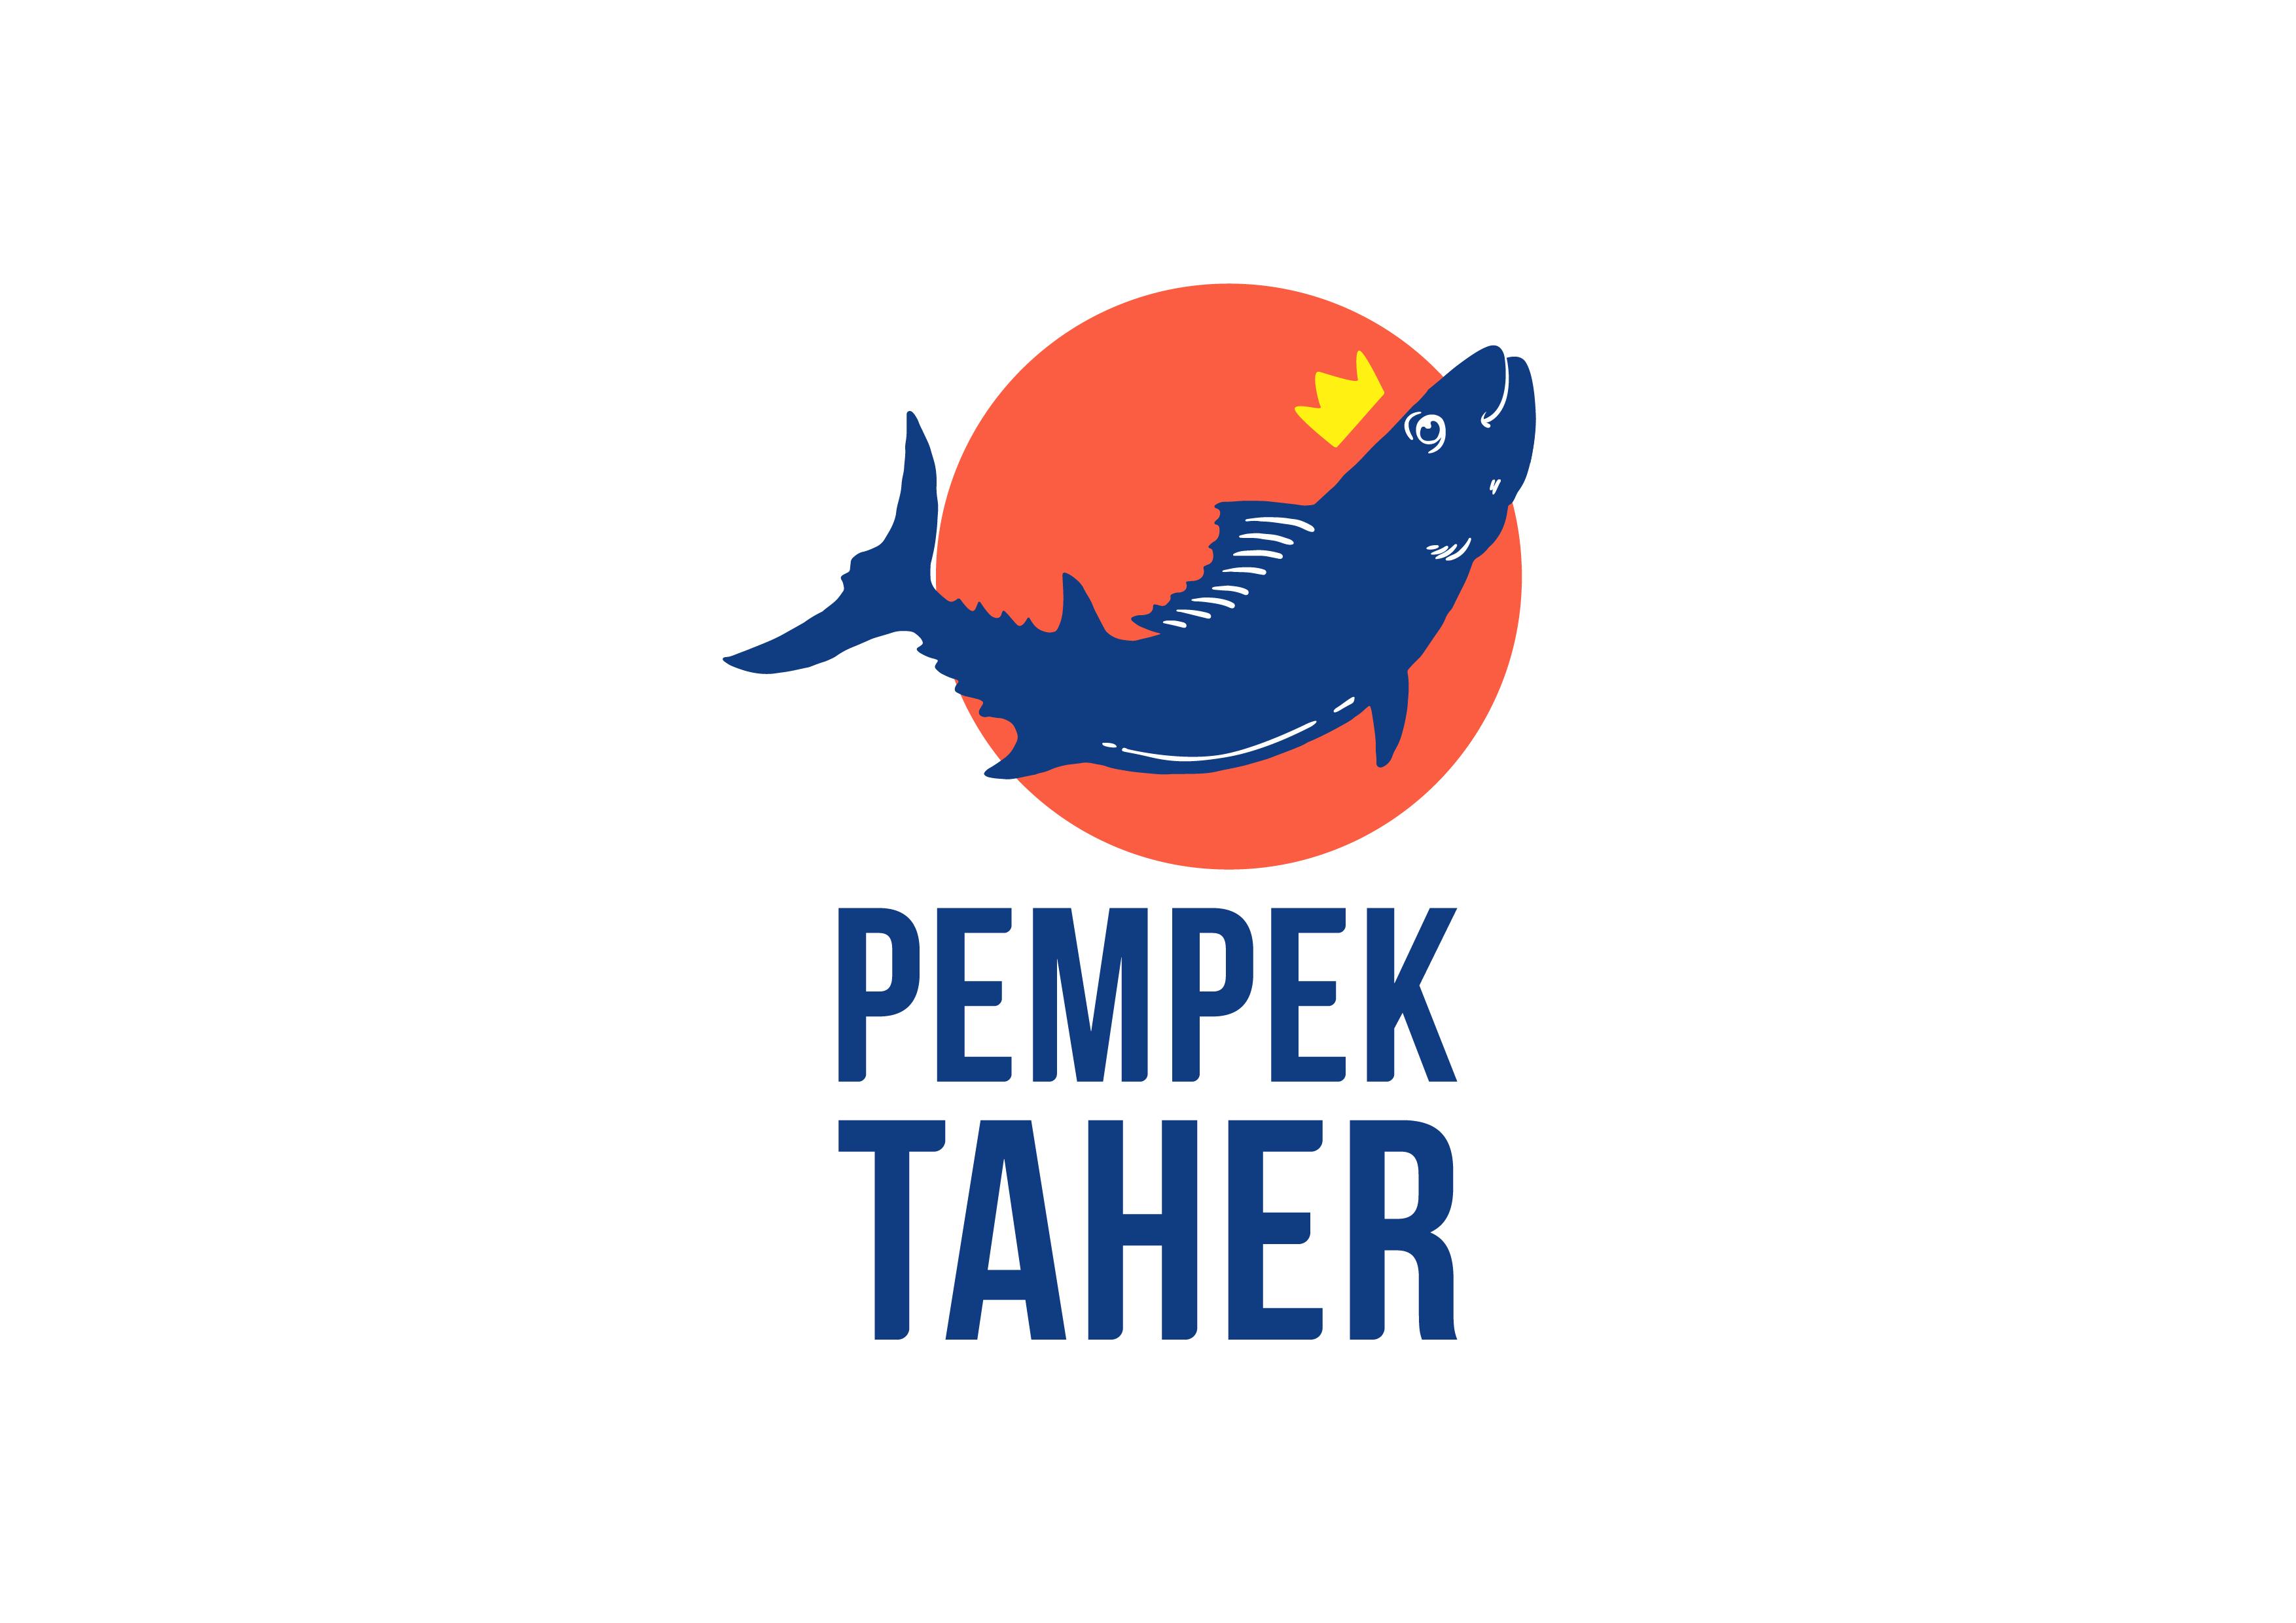 Pempek Taher